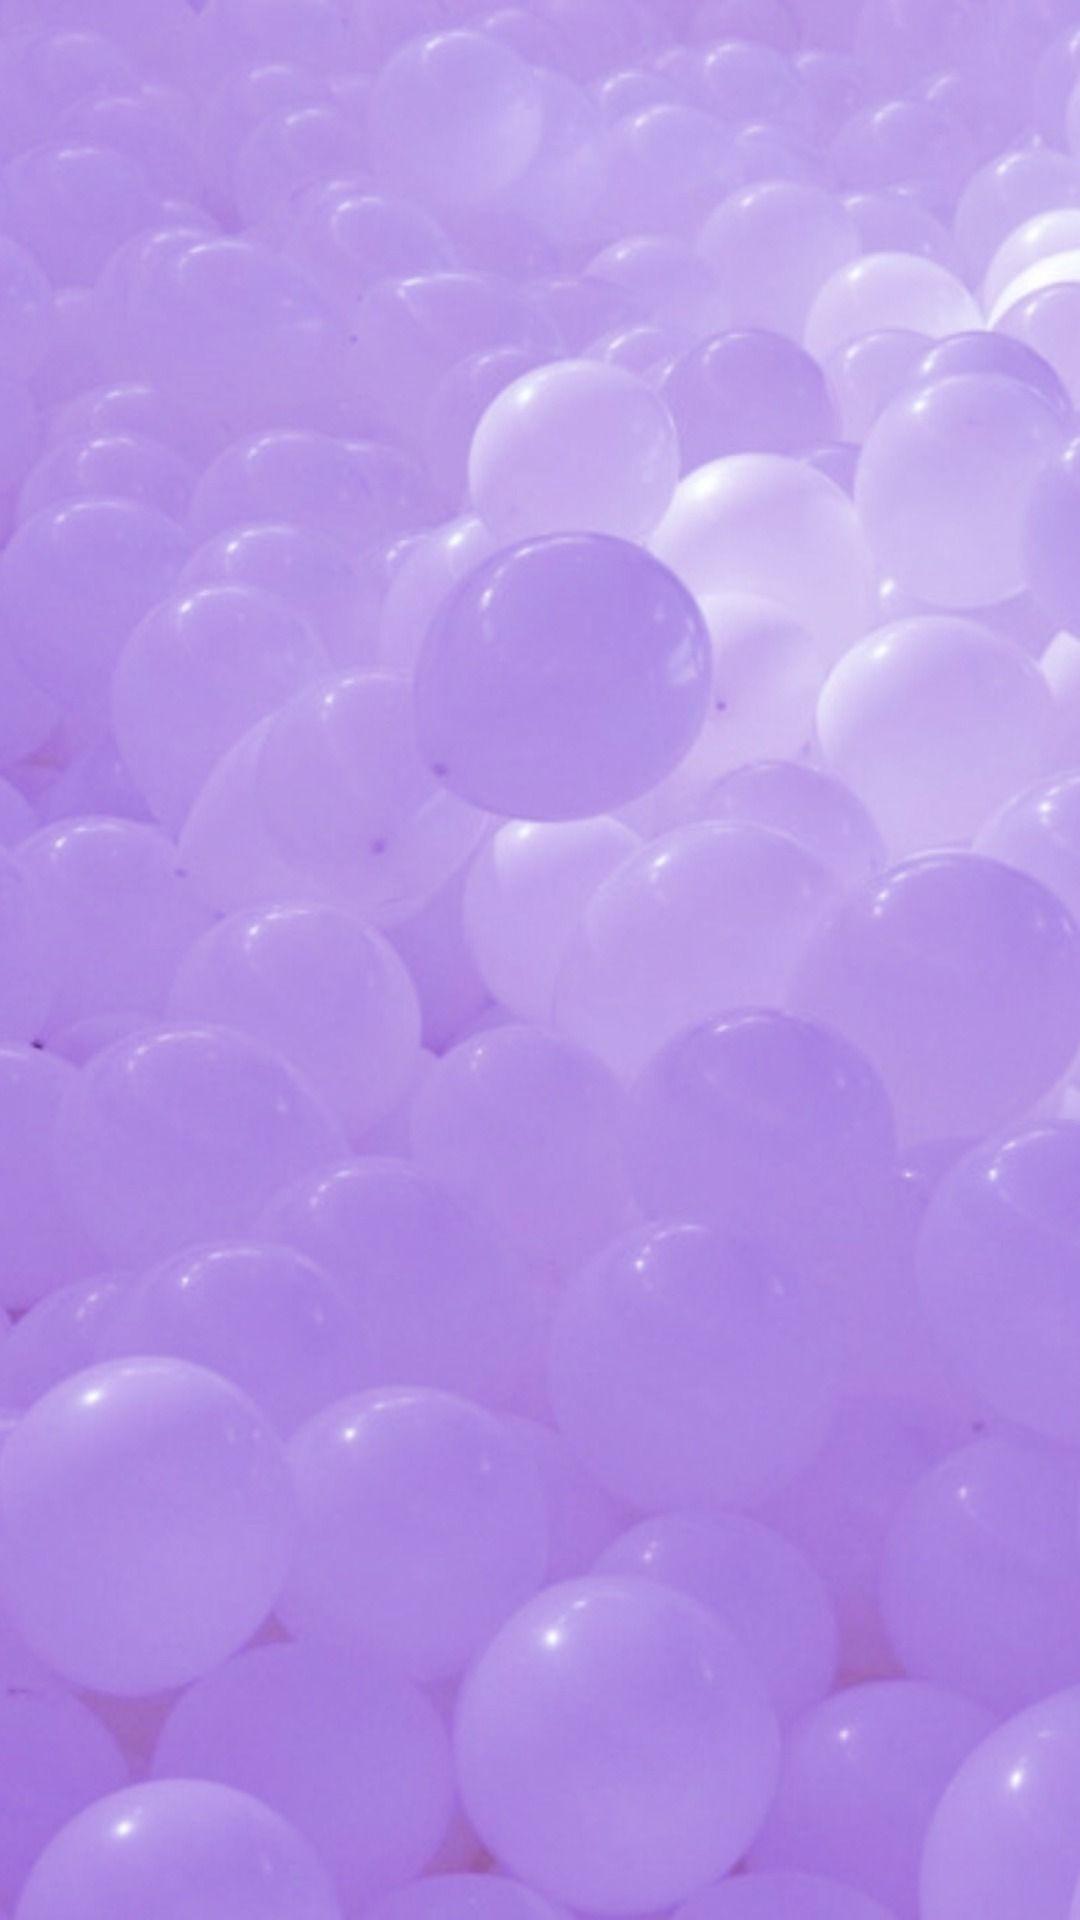 Purple Aesthetic Purpleaesthetics Purple Wallpaper Iphone Purple Wallpaper Lavender Aesthetic